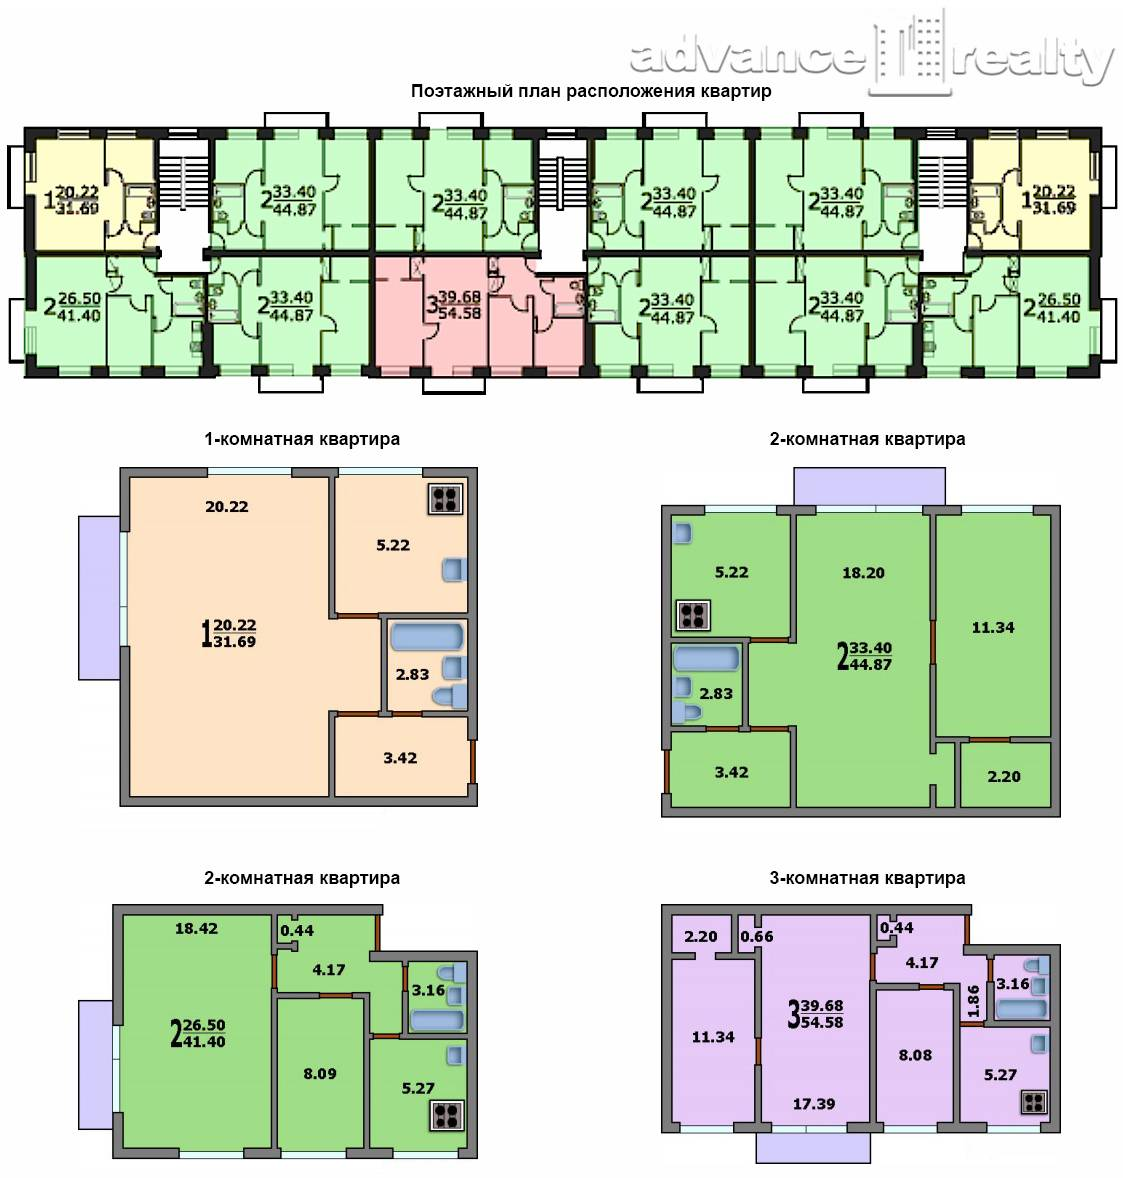 Планировка 3-х комнатной квартиры в хрущевке